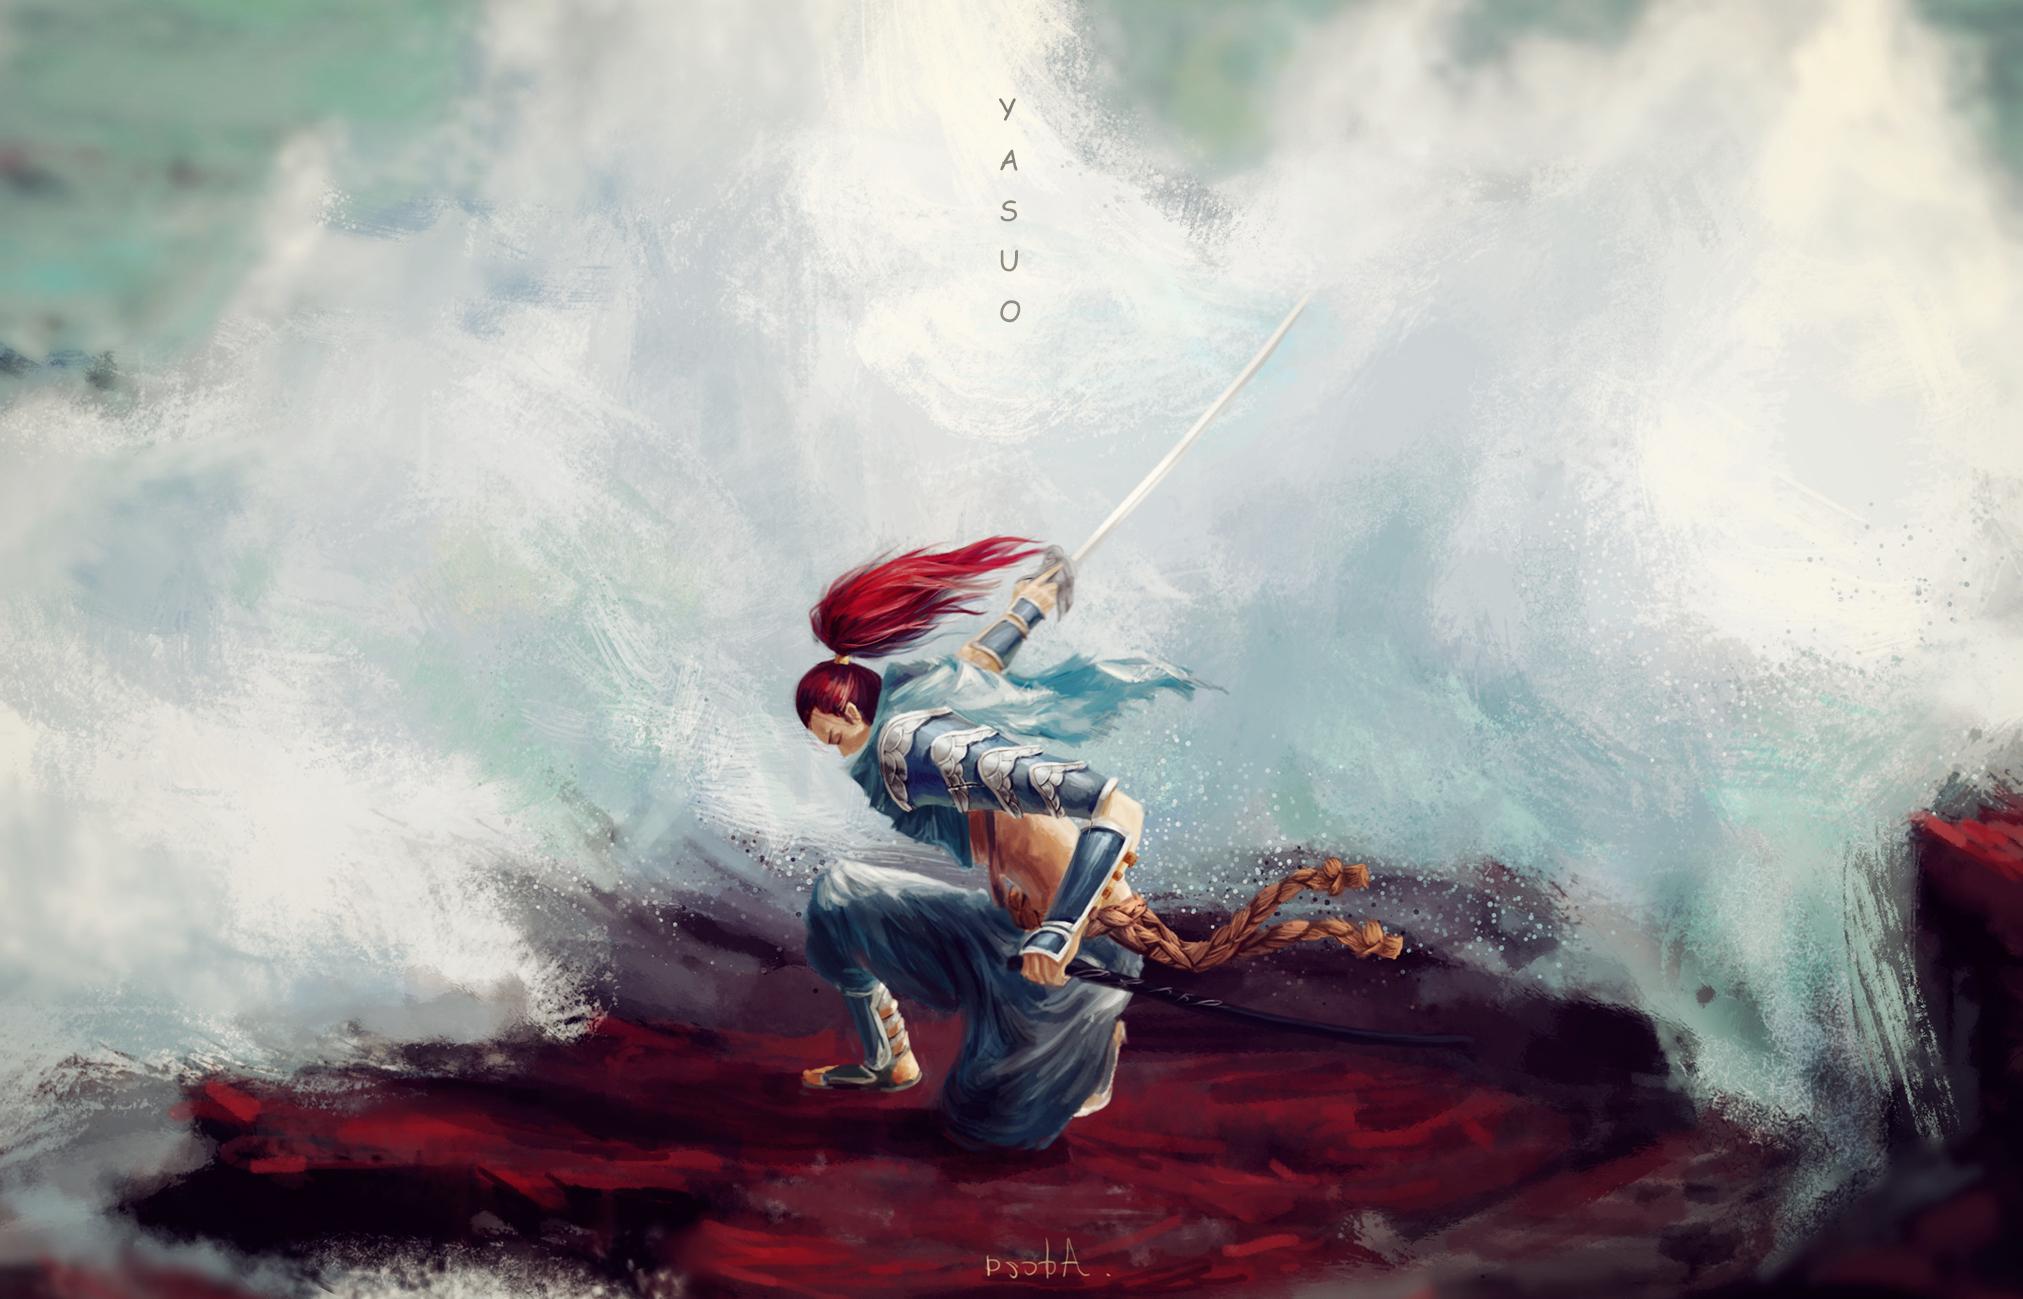 Yasuo wallpaper